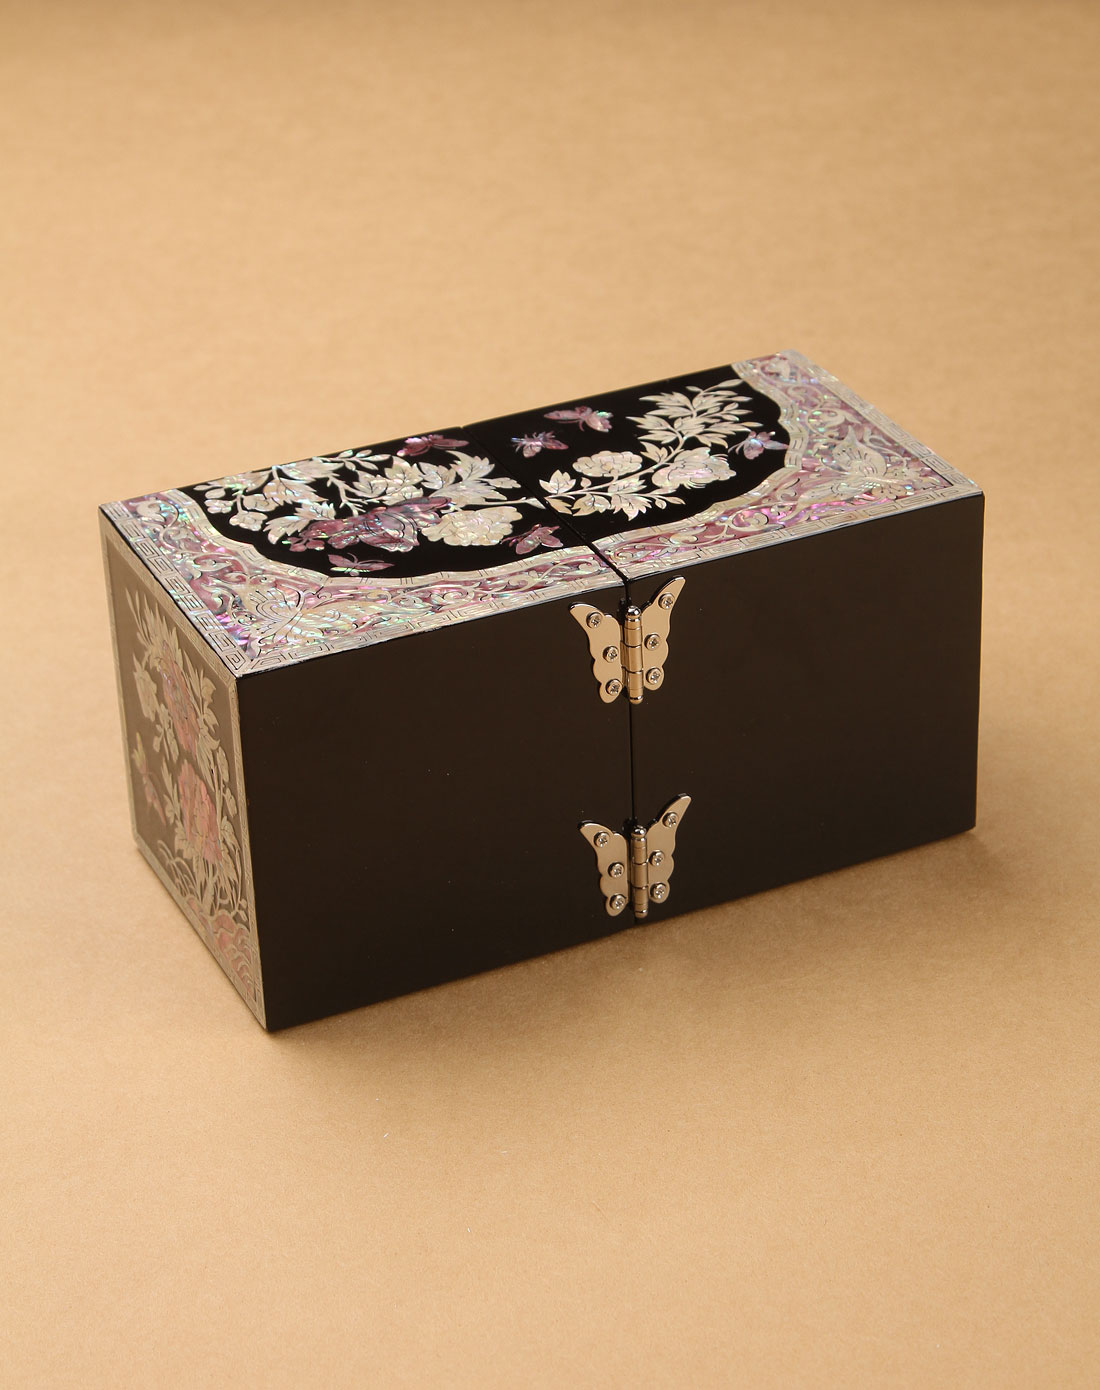 多色韩国进口螺钿漆器公主珠宝首饰盒(对开)